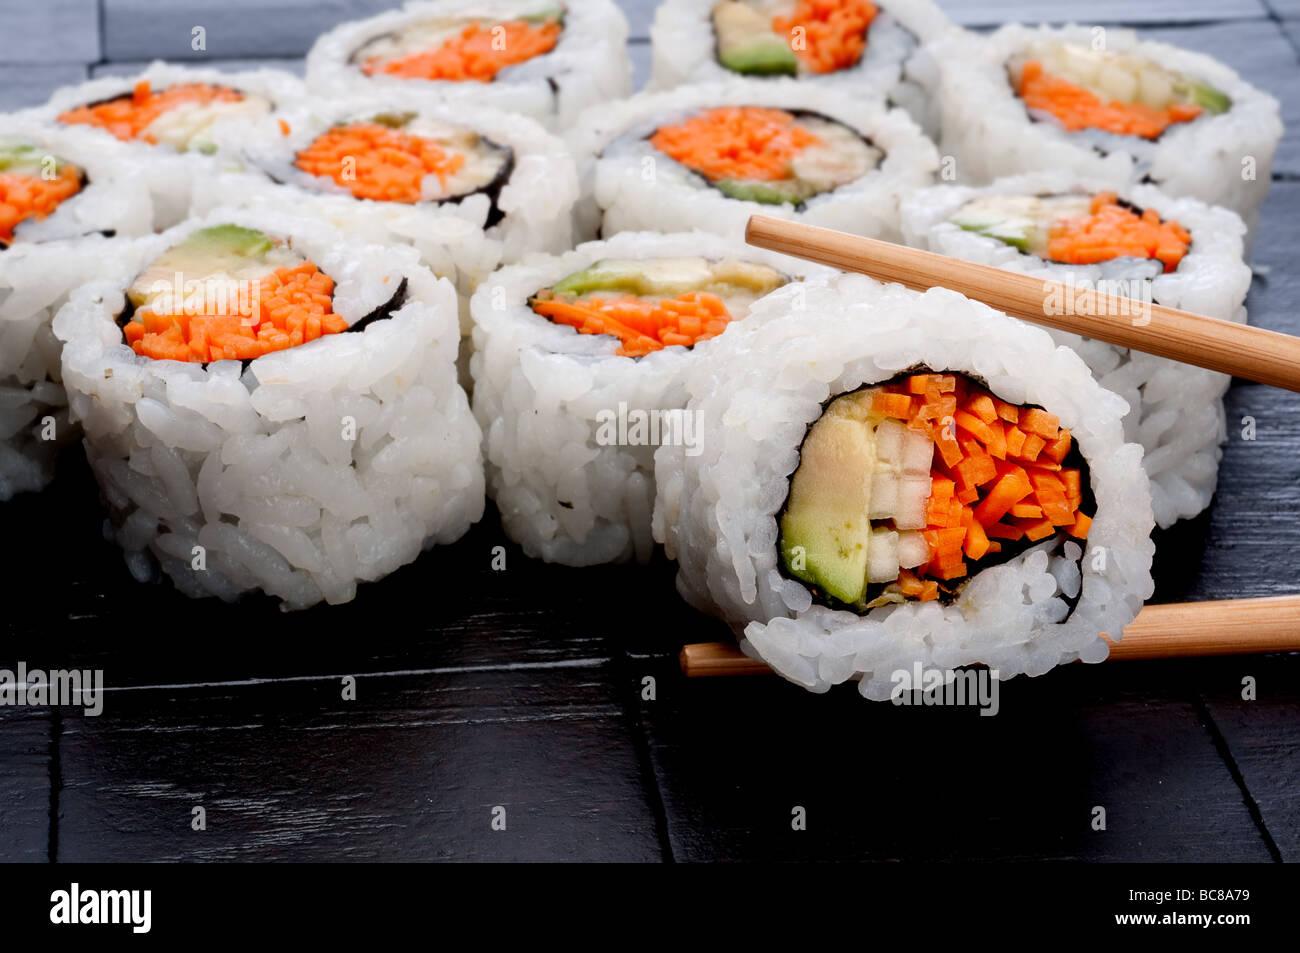 Bacchette azienda sushi infront di più un sushi nero testurizzato sfondo Immagini Stock